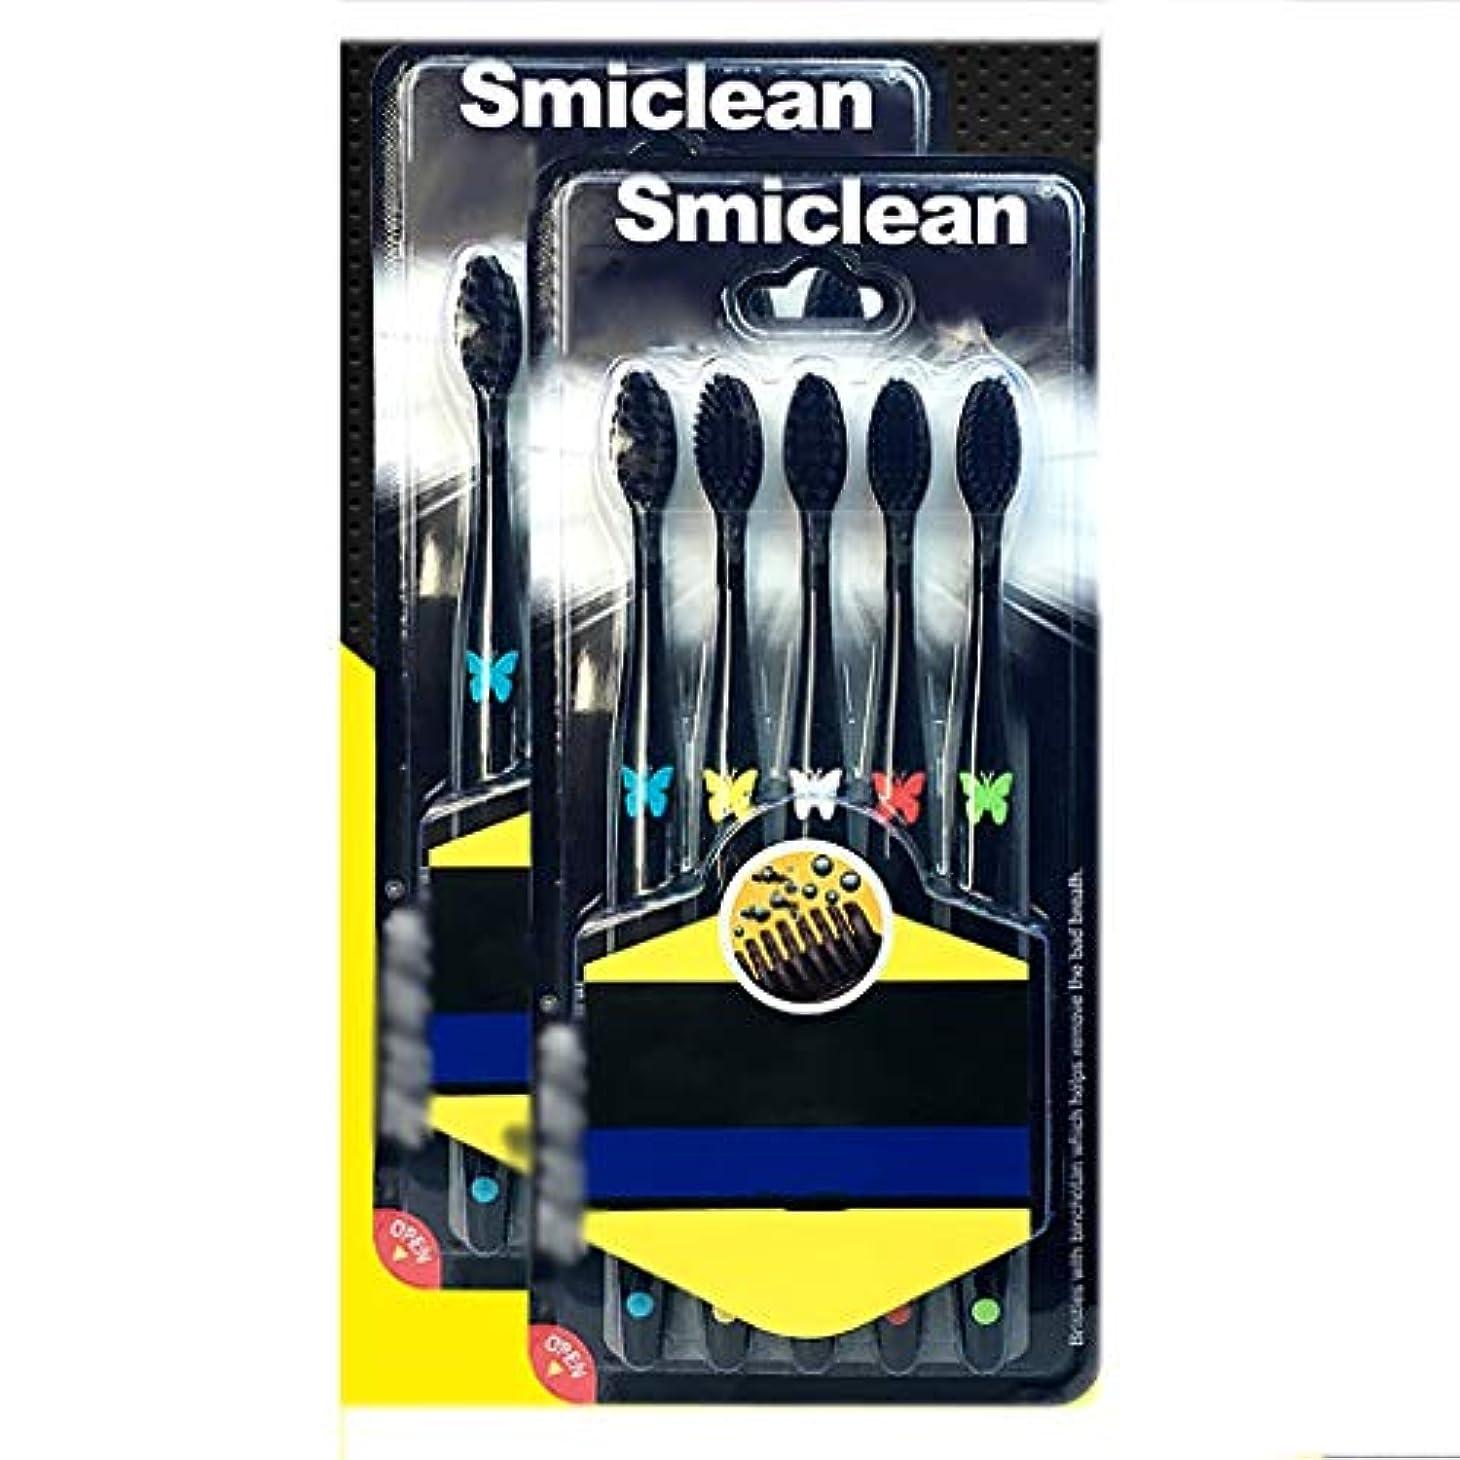 気晴らし毎月廃止する柔らかく、小さいヘッド歯ブラシ、大人のタケ木炭旅行家10の棒